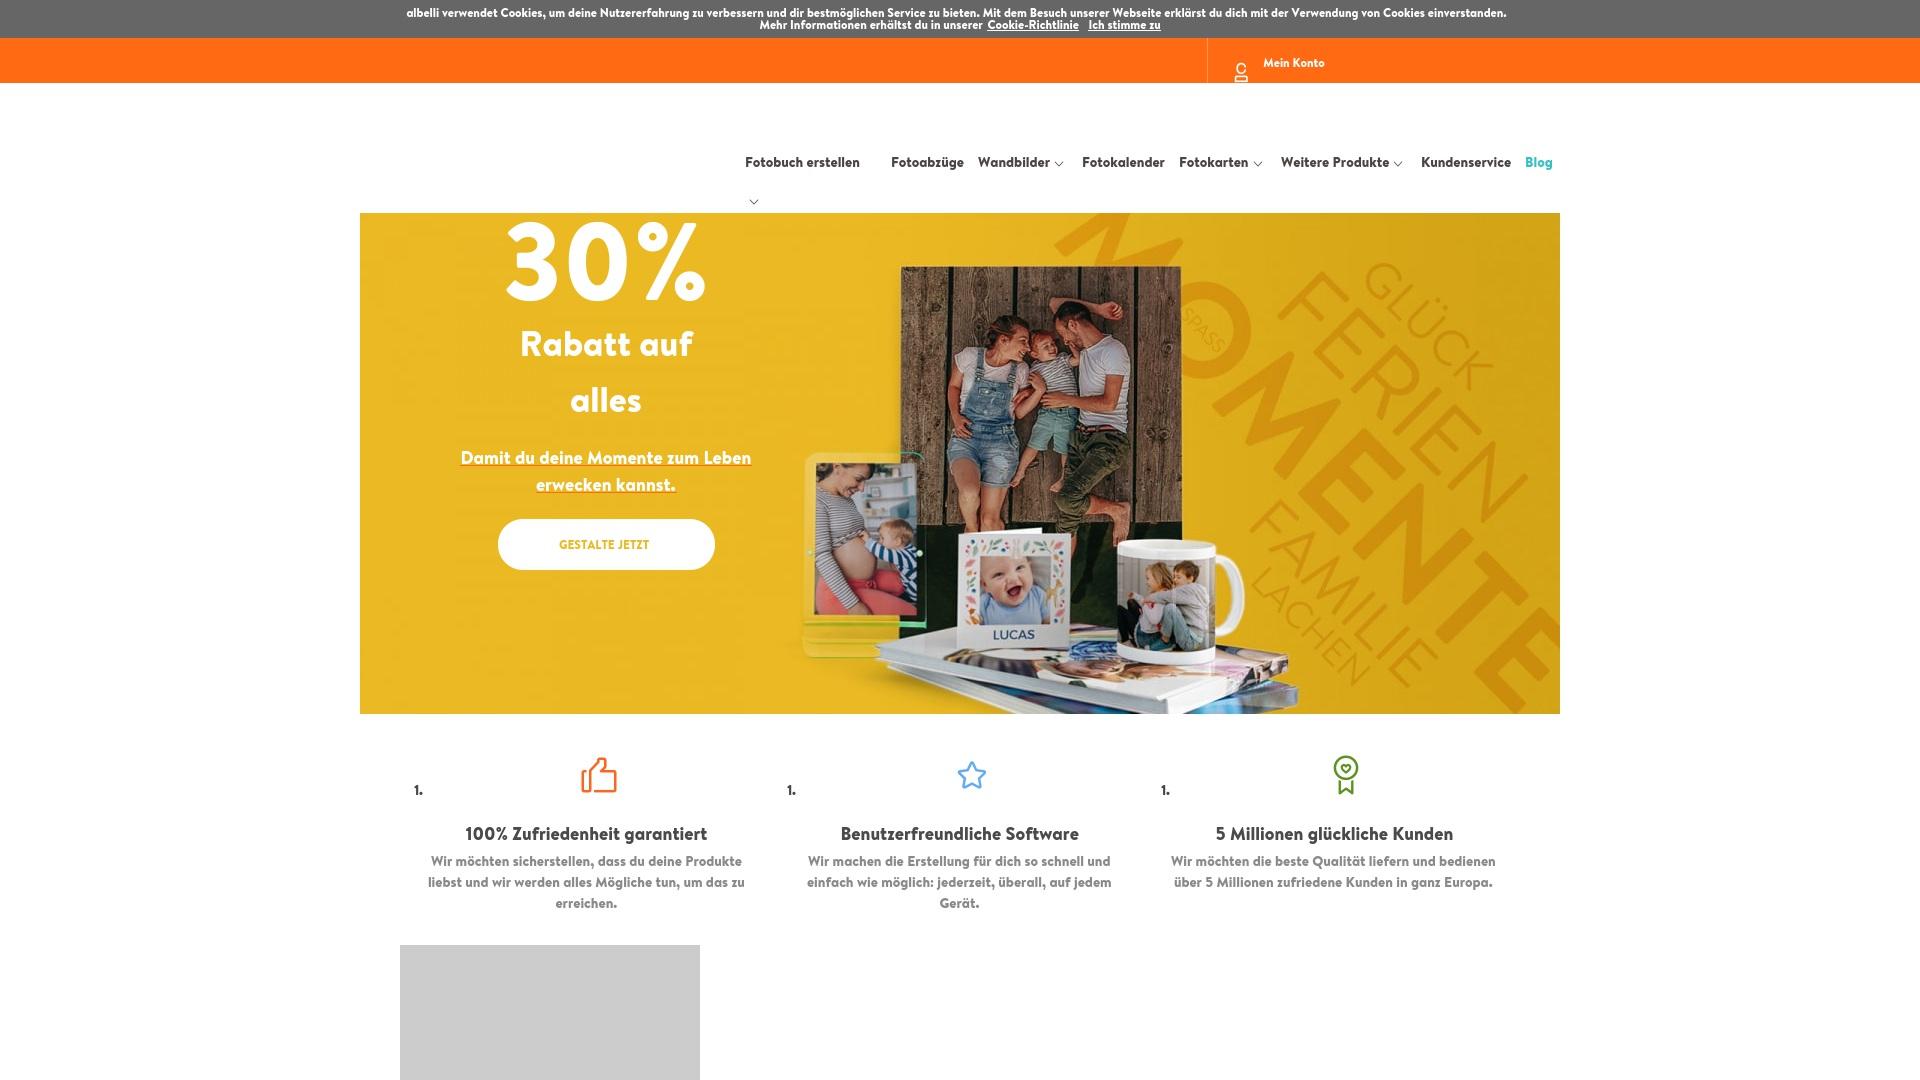 Gutschein für Albelli: Rabatte für  Albelli sichern